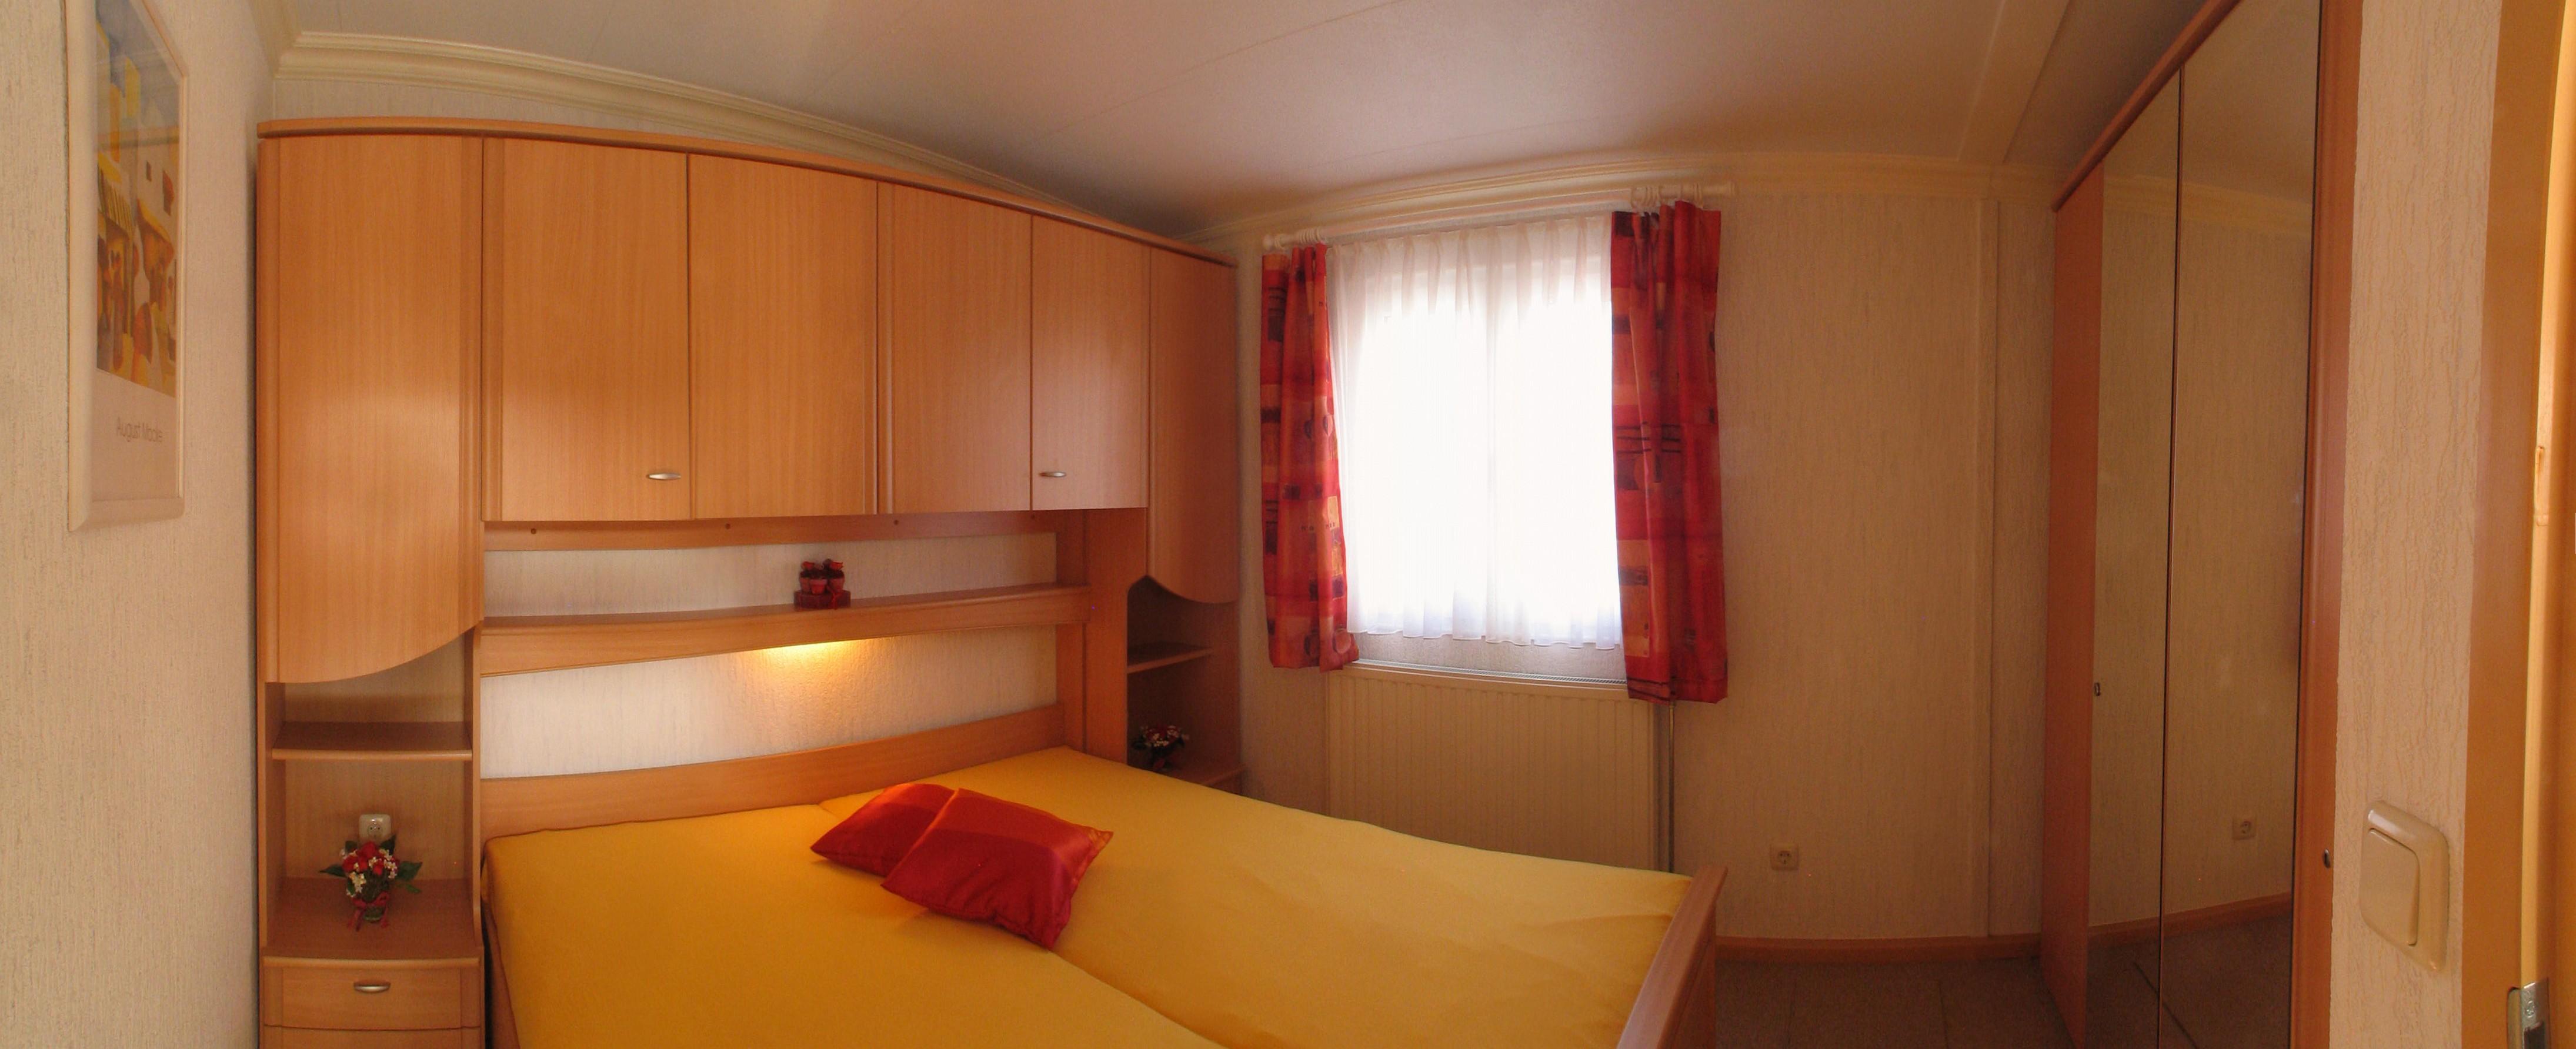 Schlafzimmer im mobilheim tobs 860x610 - Panoramabild schlafzimmer ...